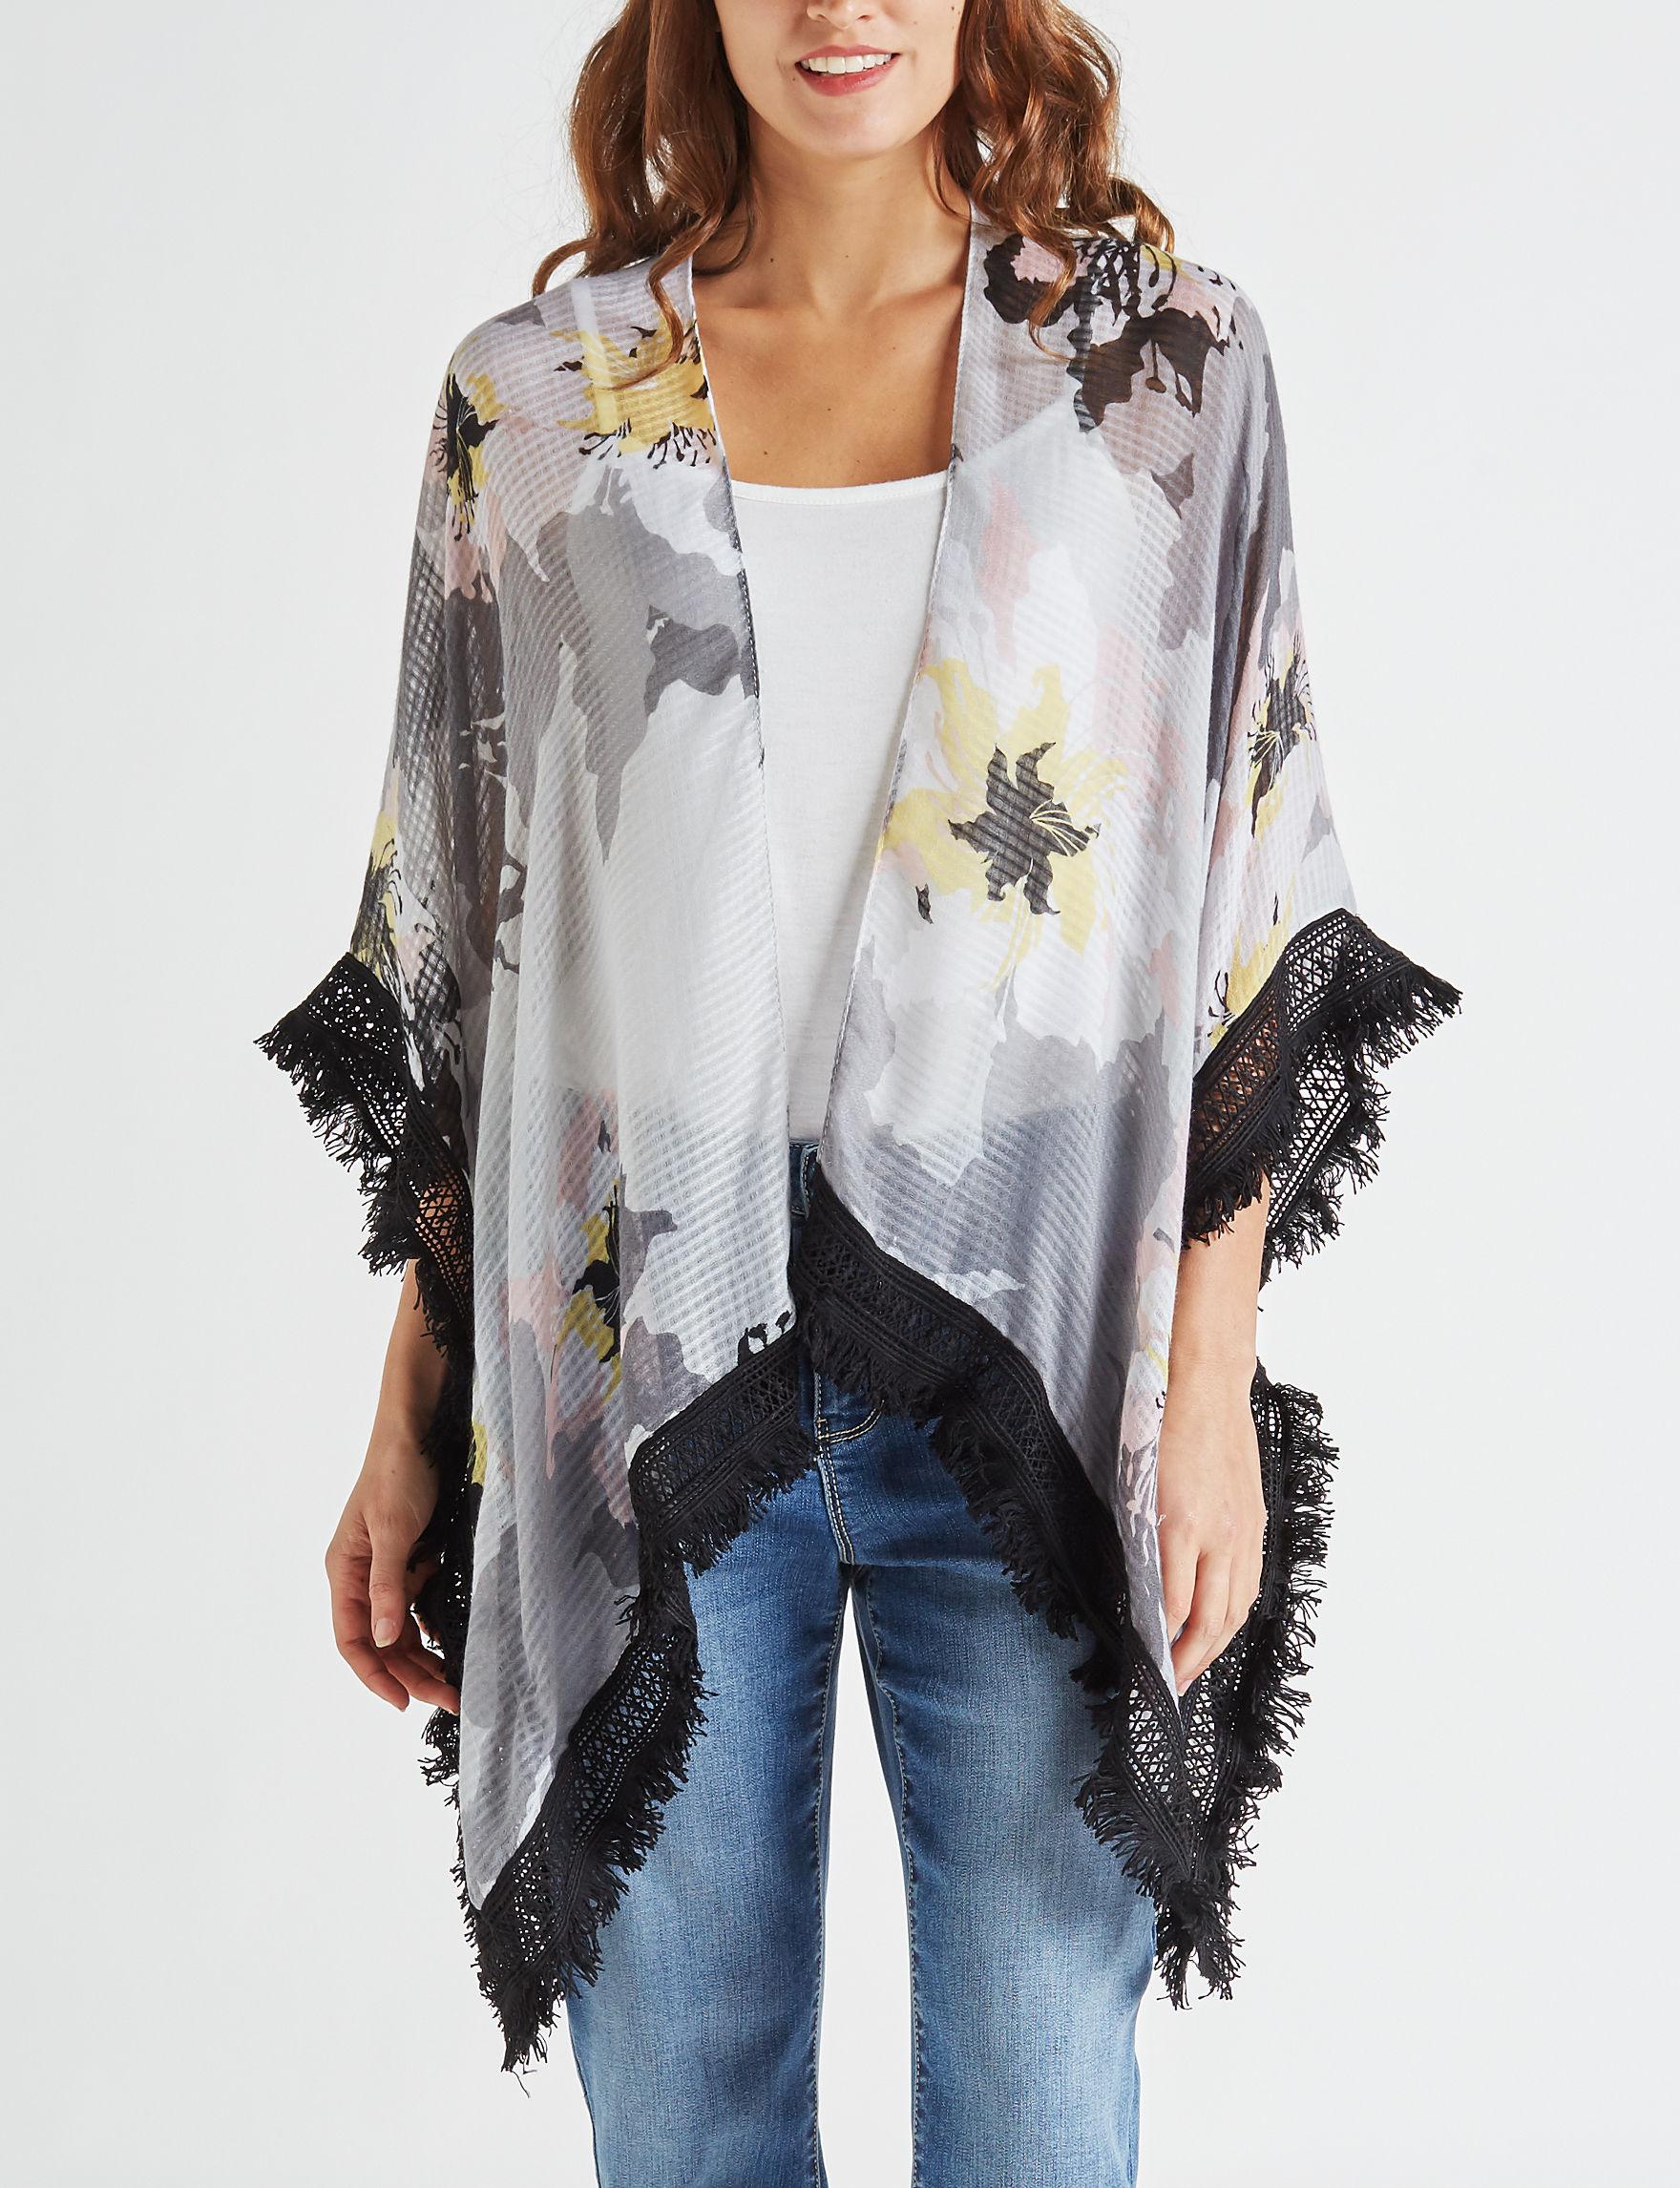 Cejon Black / Multi Kimonos & Toppers Scarves & Wraps Ruanas